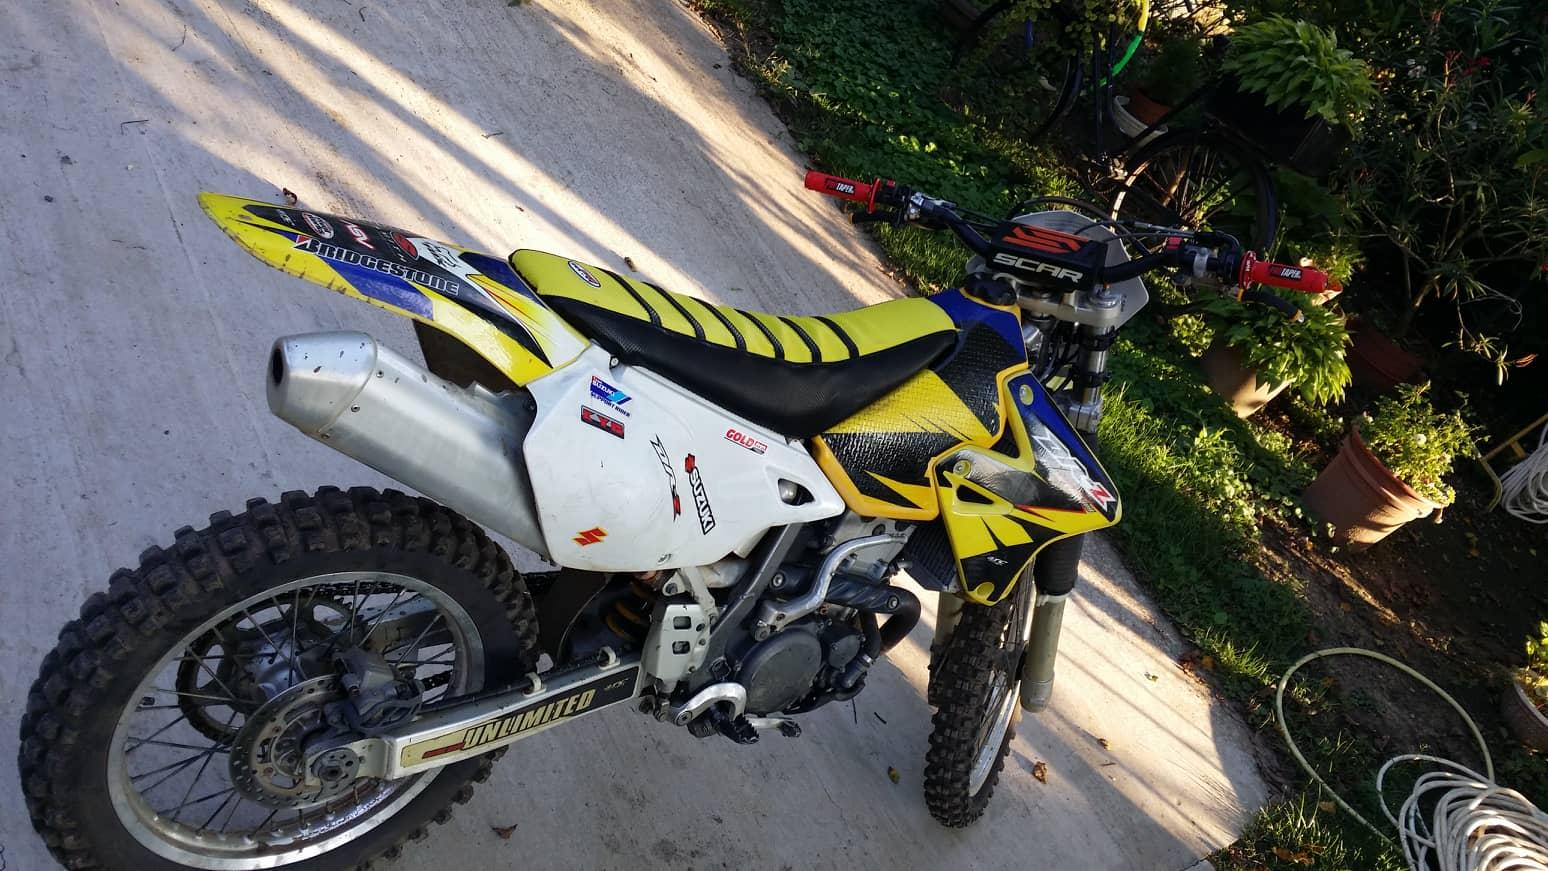 SUZUKI DRZ-400 E, 7. kép